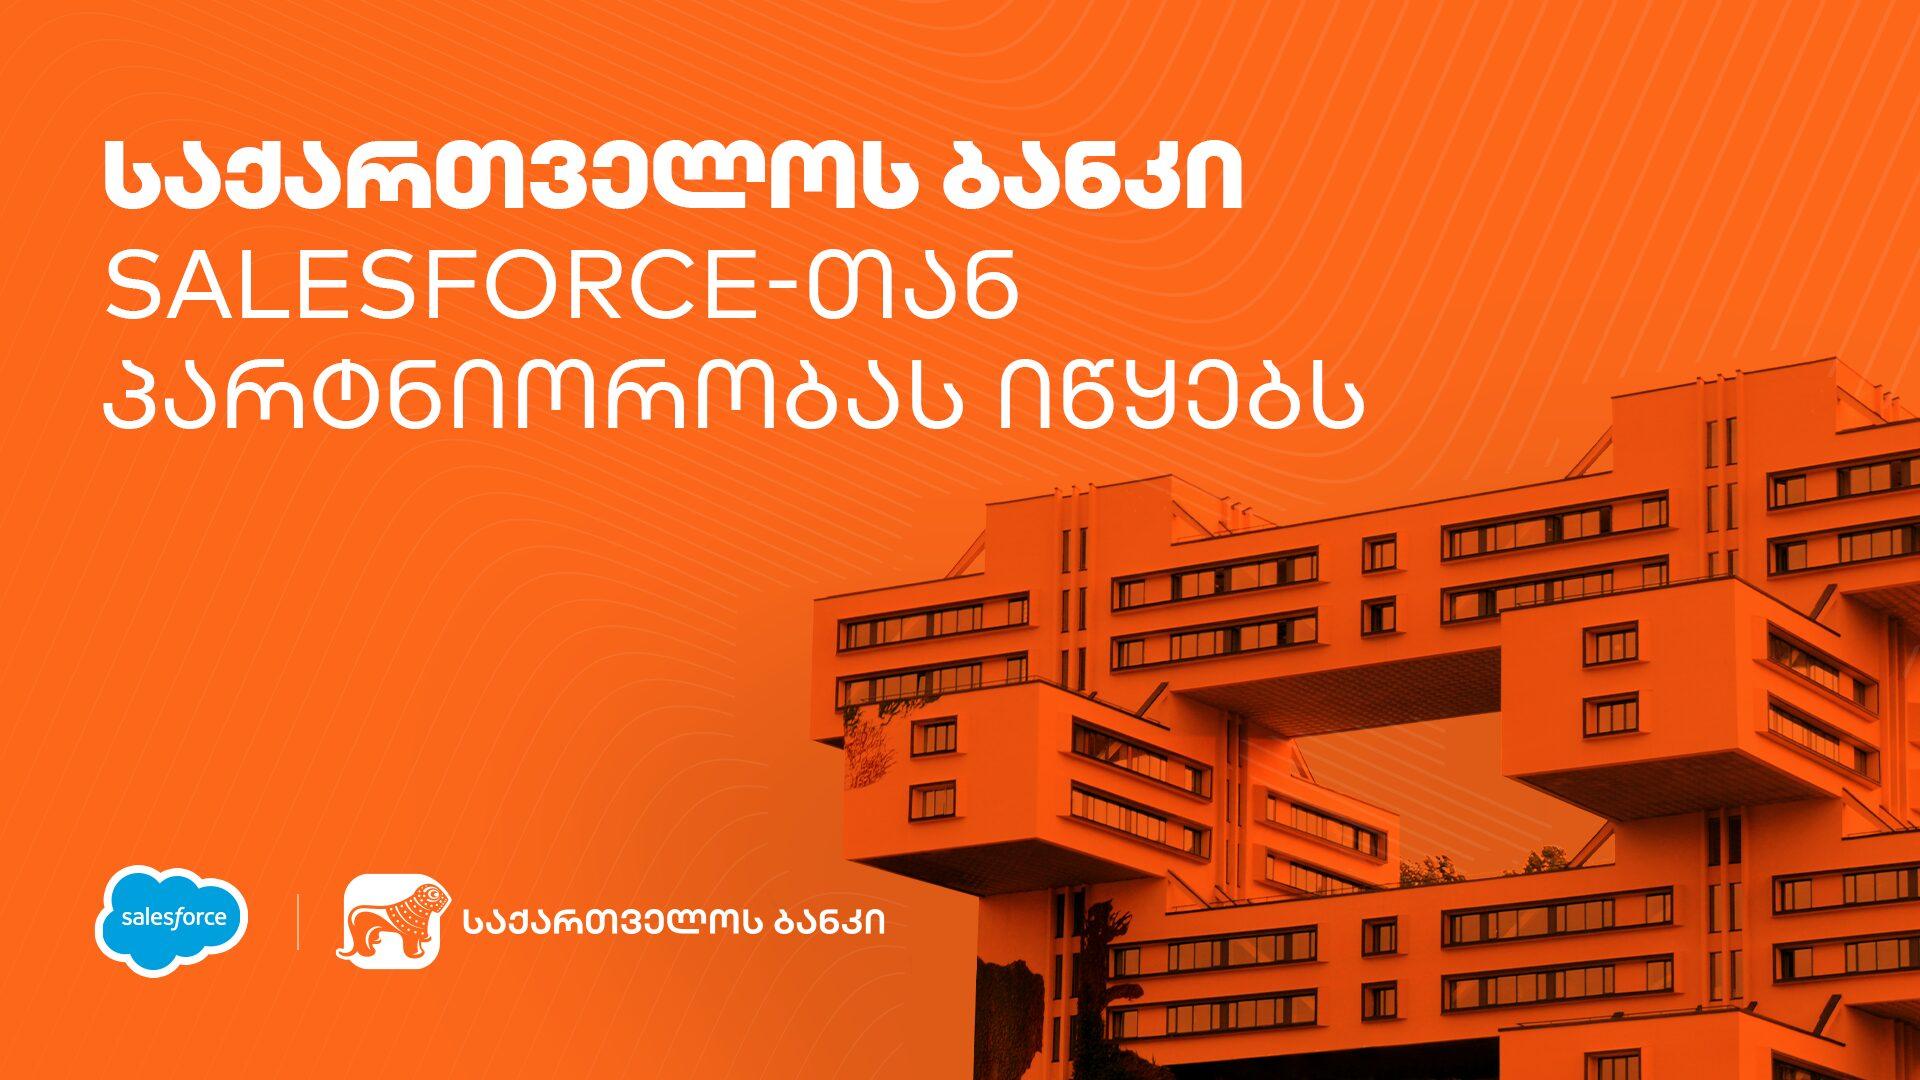 Photo of საქართველოს ბანკი მომხმარებლისთვის უკეთესი სერვისის შეთავაზებაზე Salesforce-სთან ერთად იზრუნებს